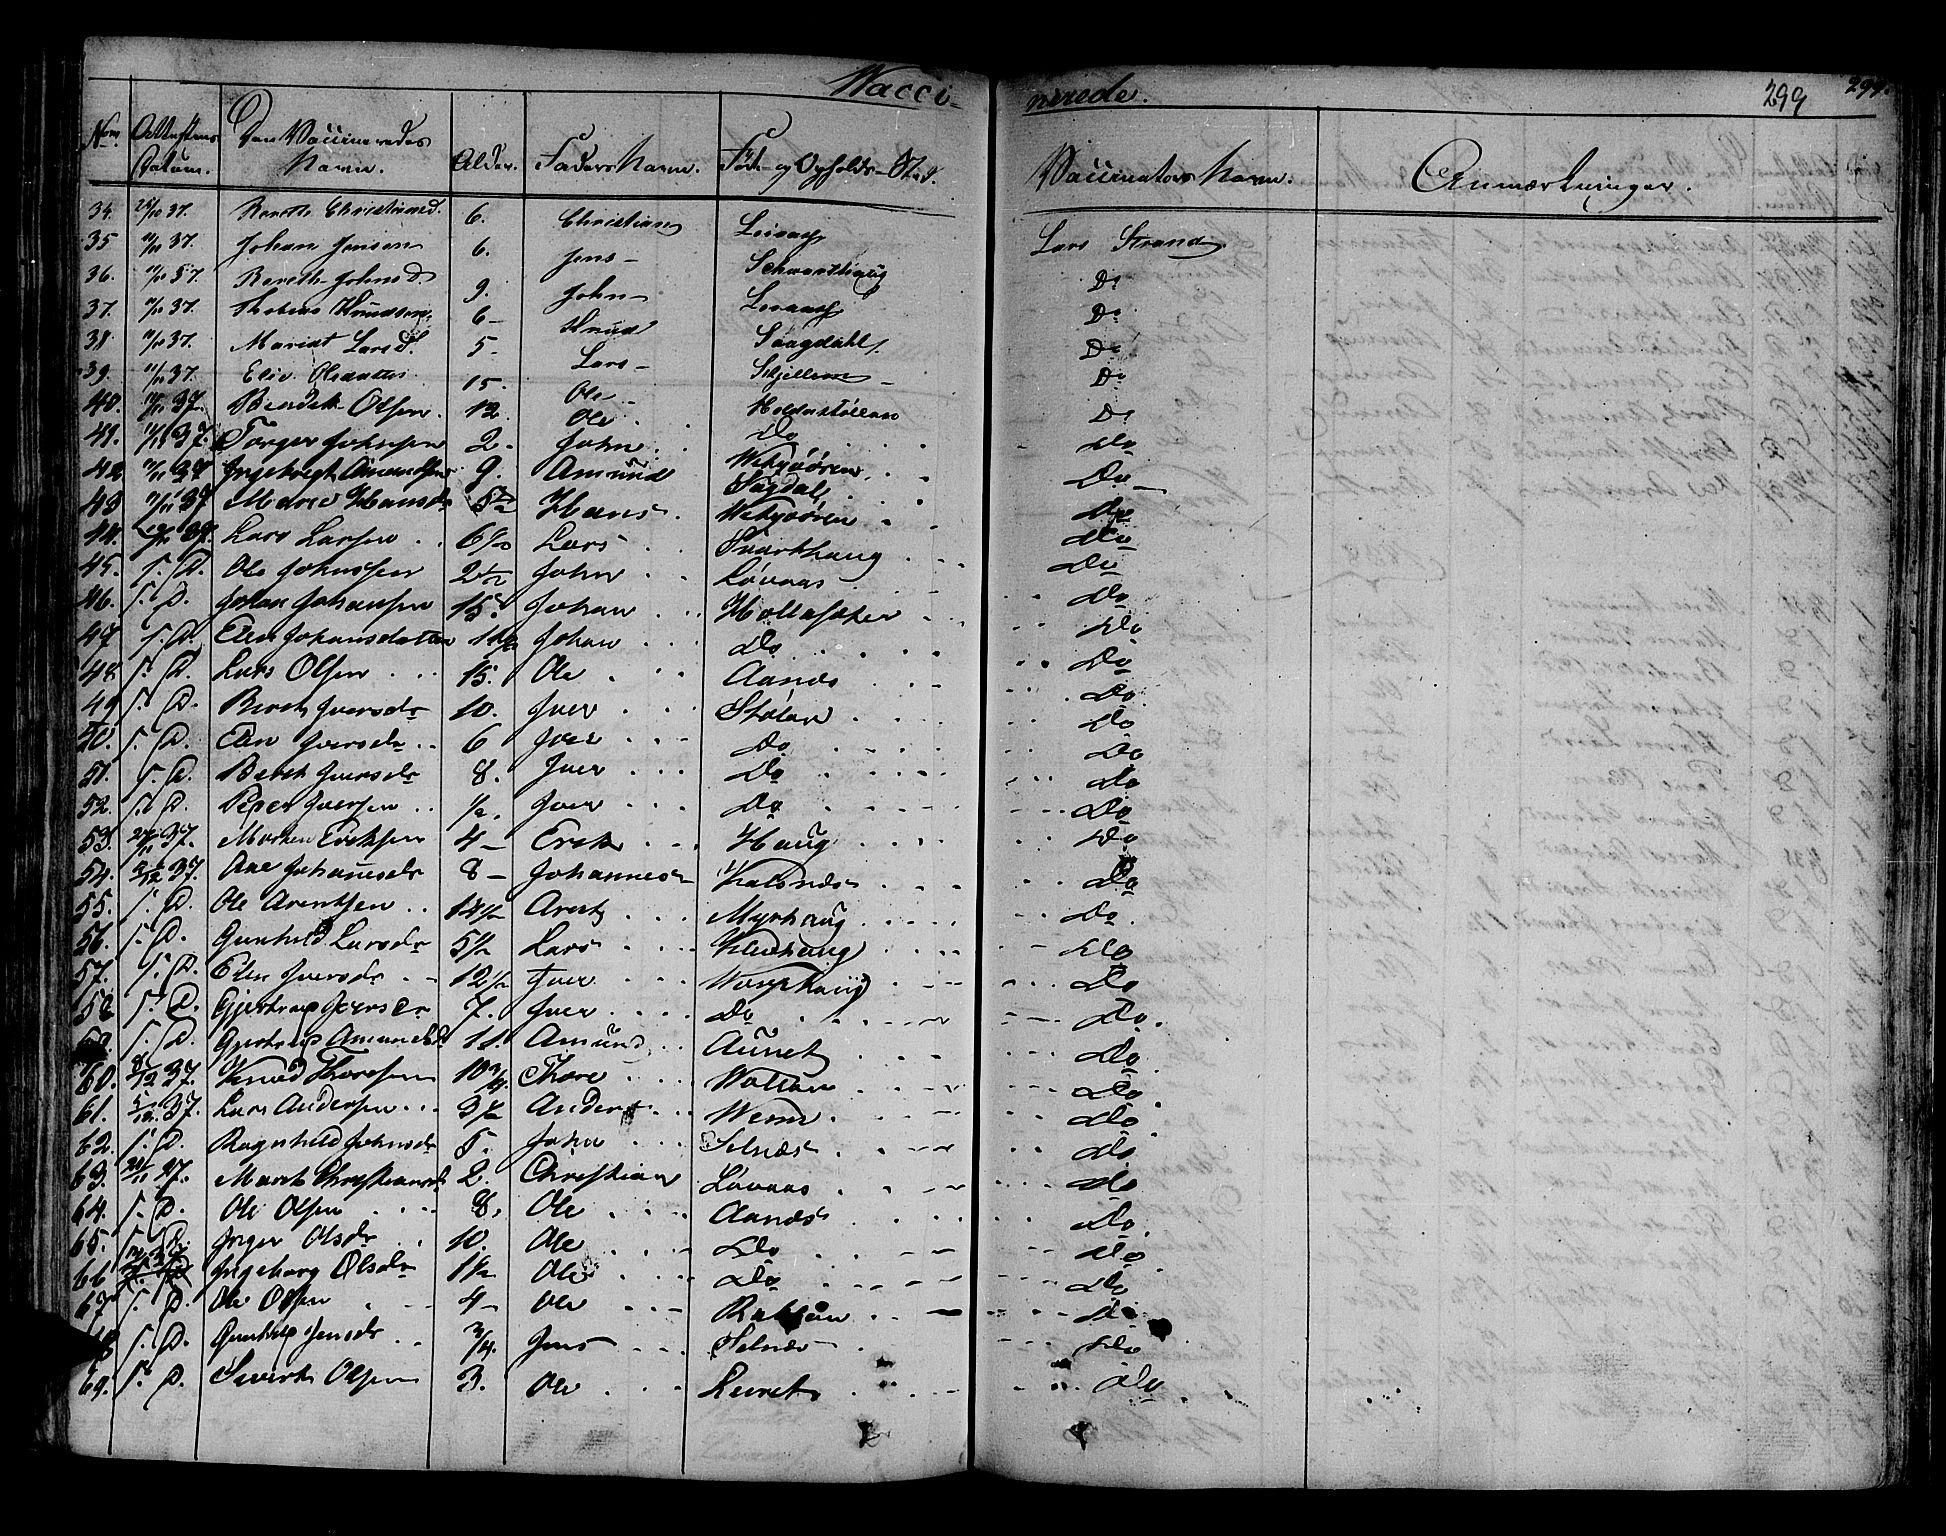 SAT, Ministerialprotokoller, klokkerbøker og fødselsregistre - Sør-Trøndelag, 630/L0492: Ministerialbok nr. 630A05, 1830-1840, s. 299